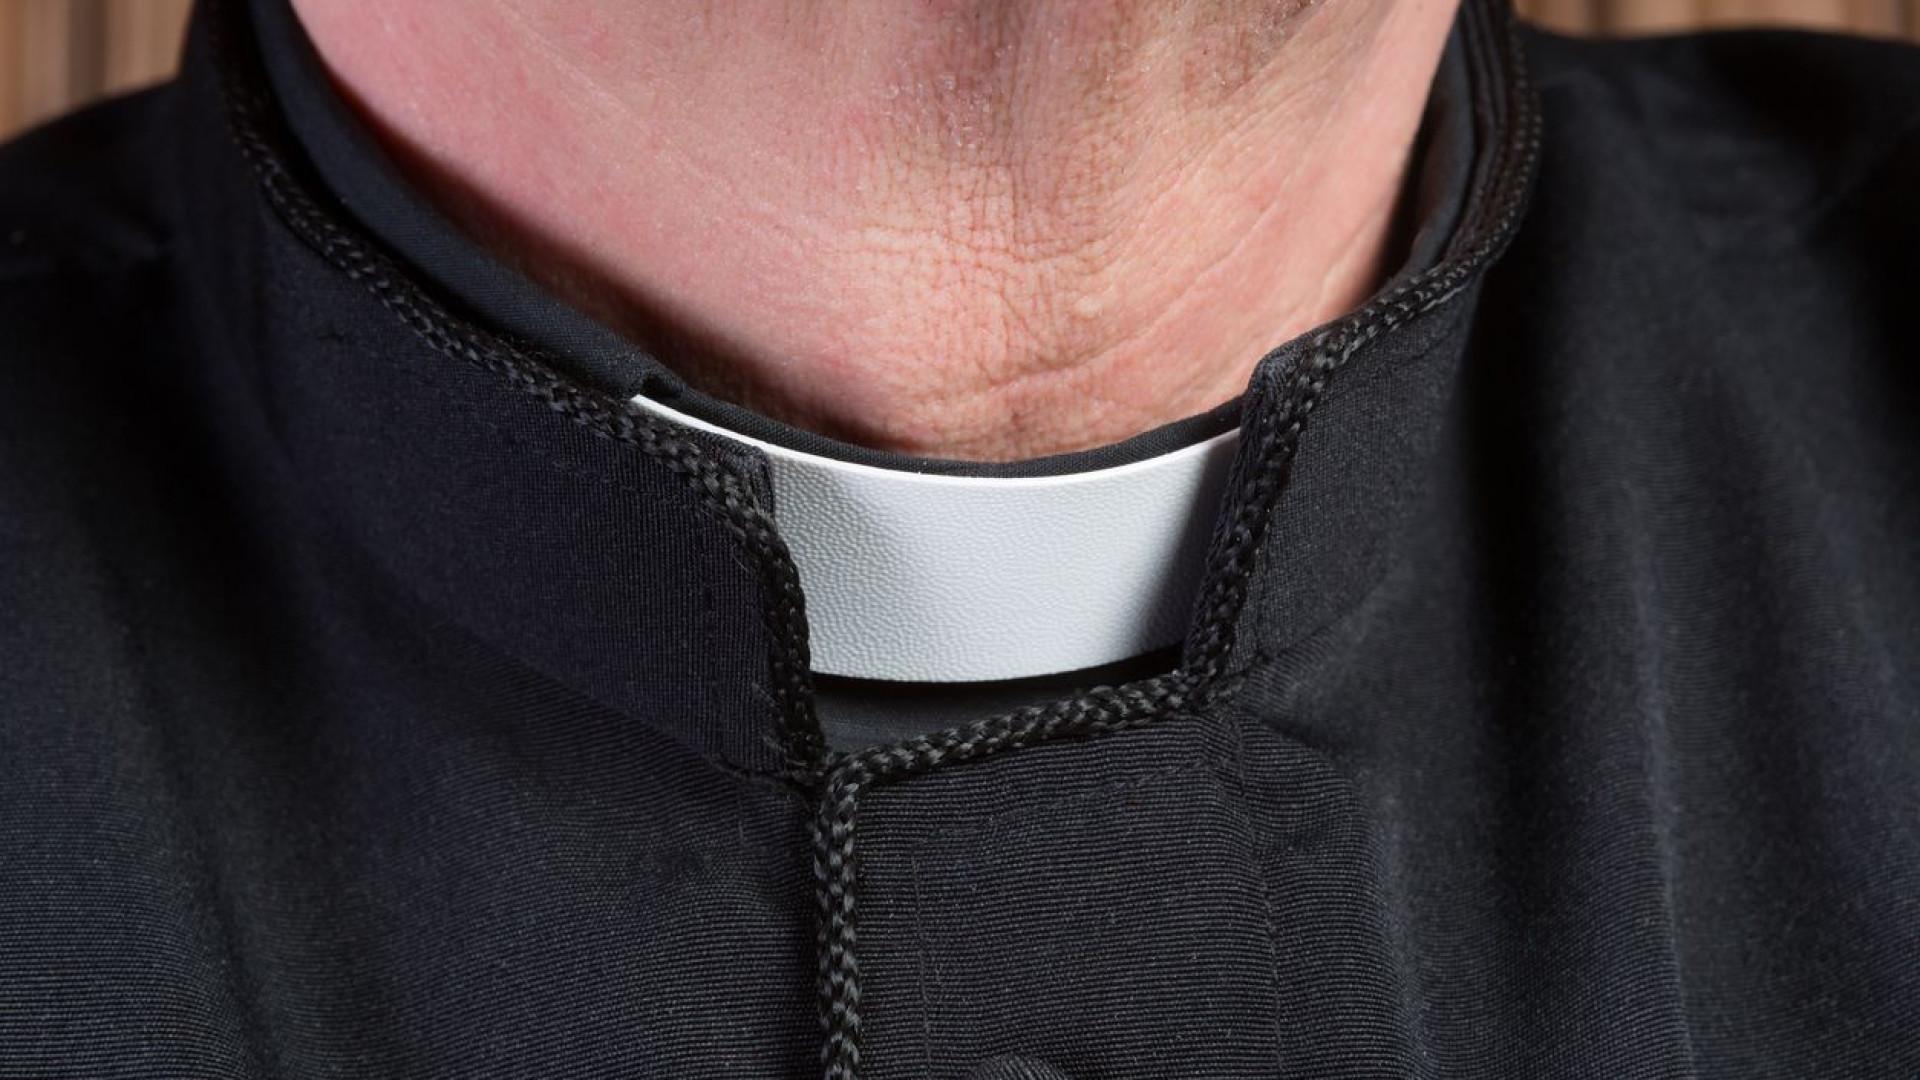 260 milhões de cristãos perseguidos no mundo em 2019